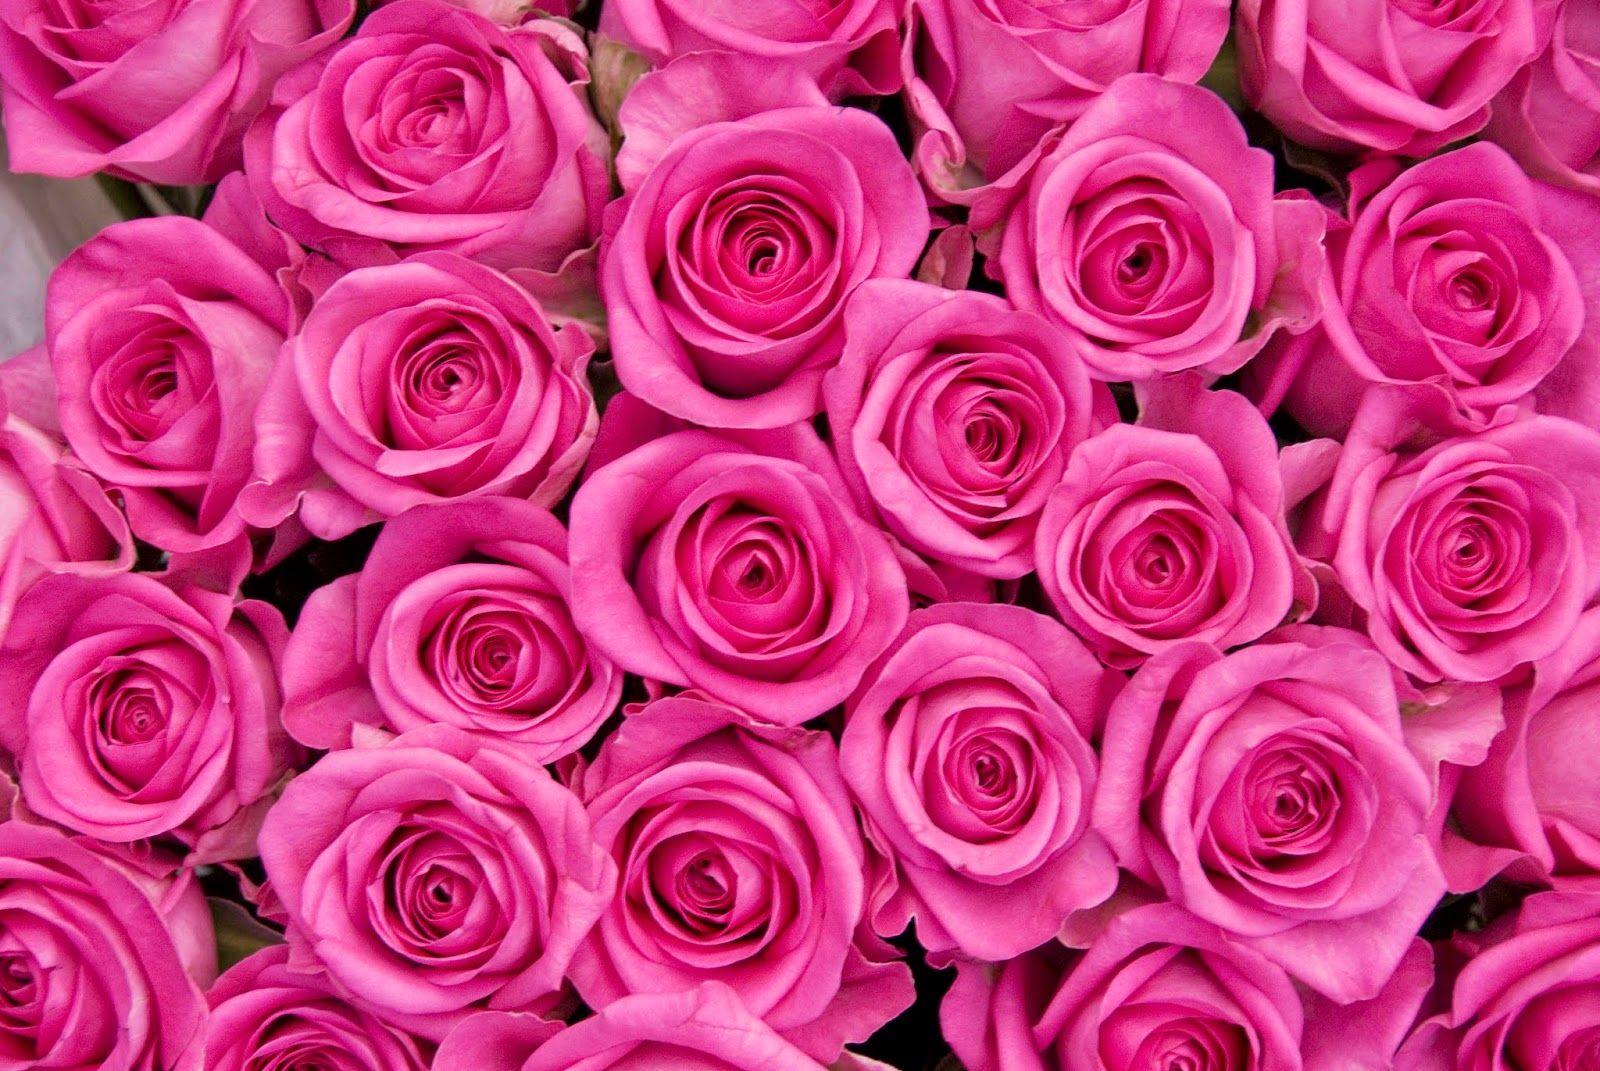 patternpinkroses.jpg 1,600×1,071 pixels Rose color